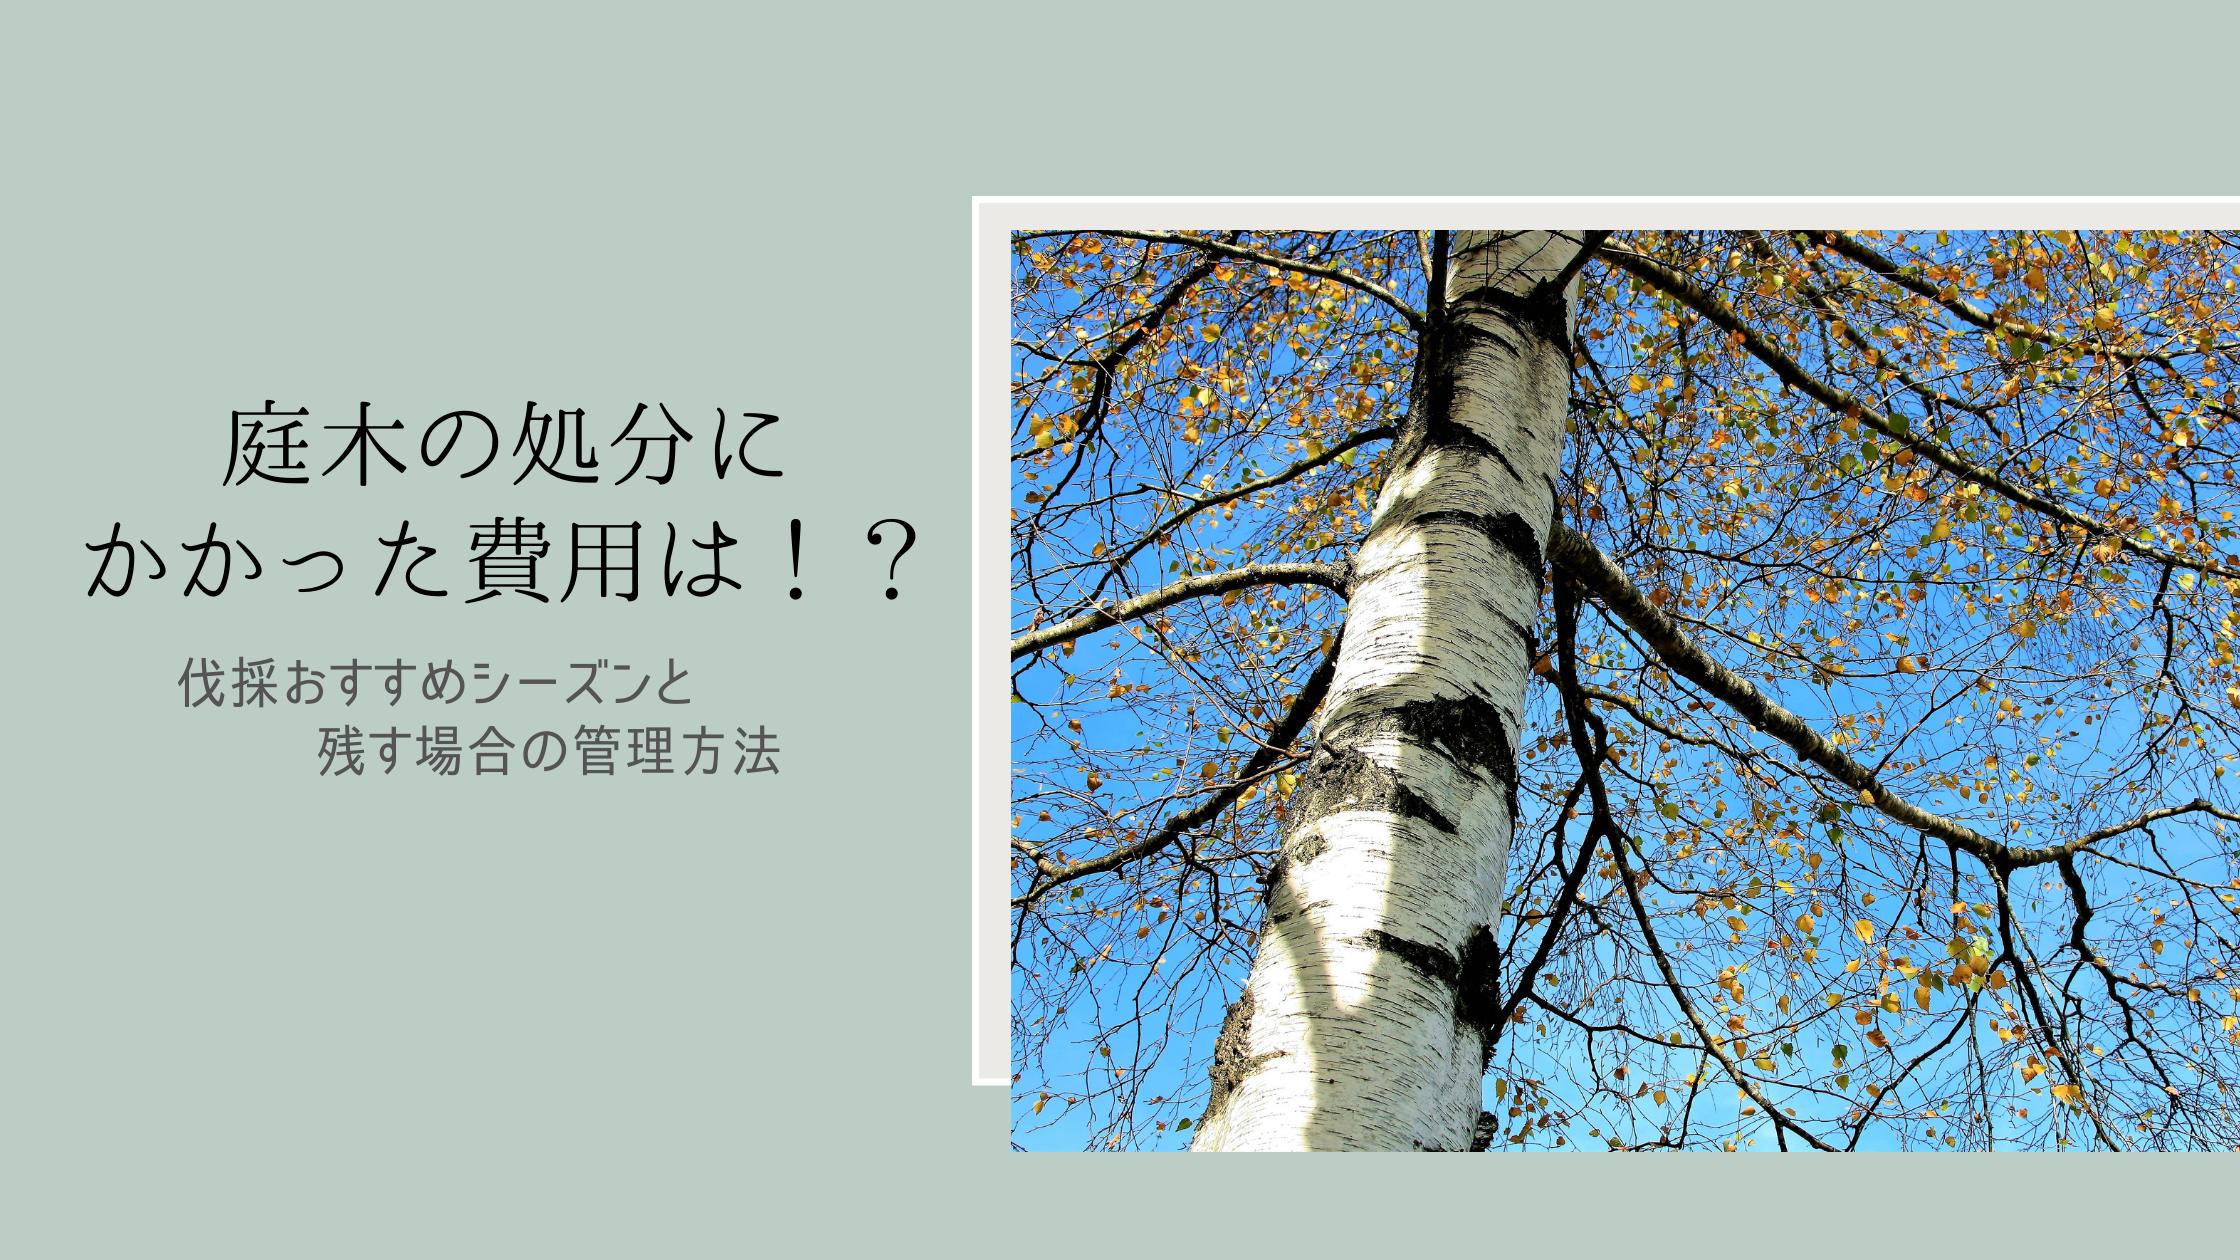 庭木の処分にかかった費用は!?伐採おすすめシーズンと残す場合の管理方法